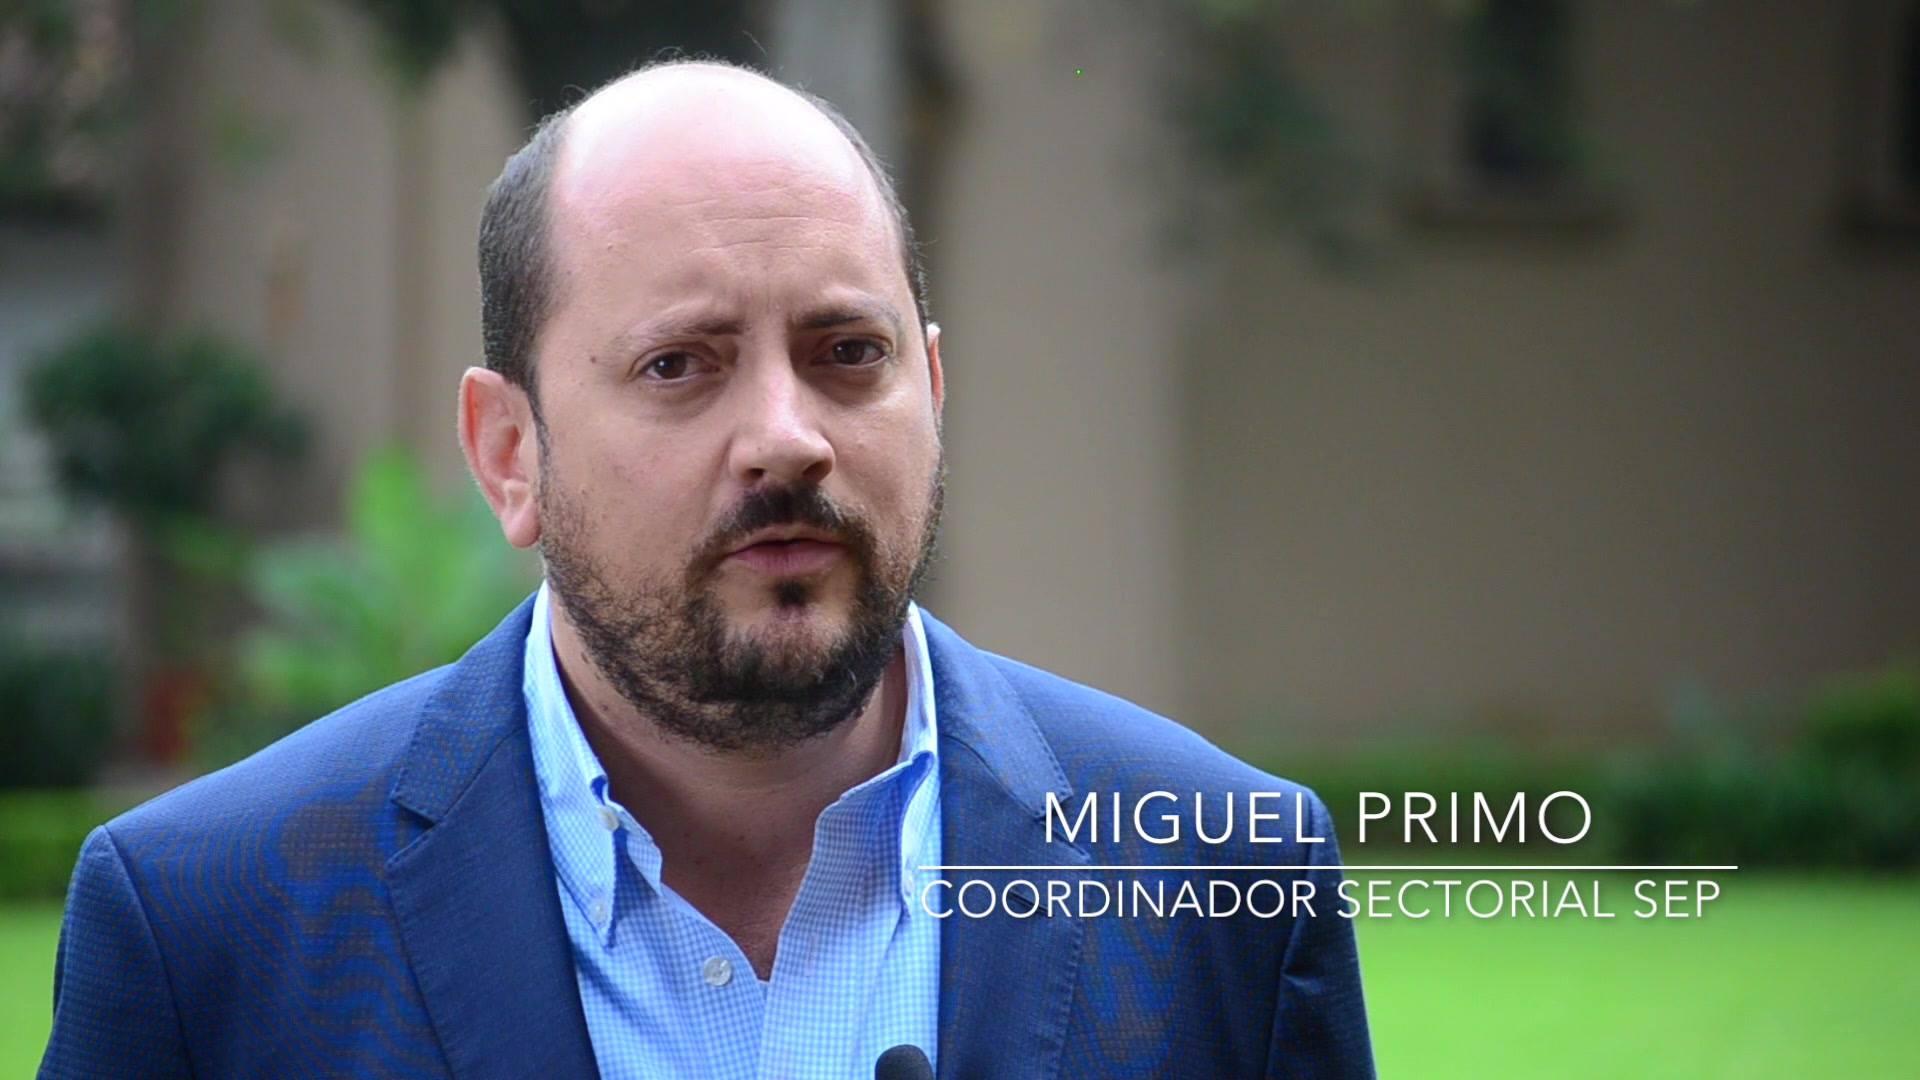 Miguel Primo Coordinador de Sectorial de Vinculación y Proyectos Estratégicos de la SEP